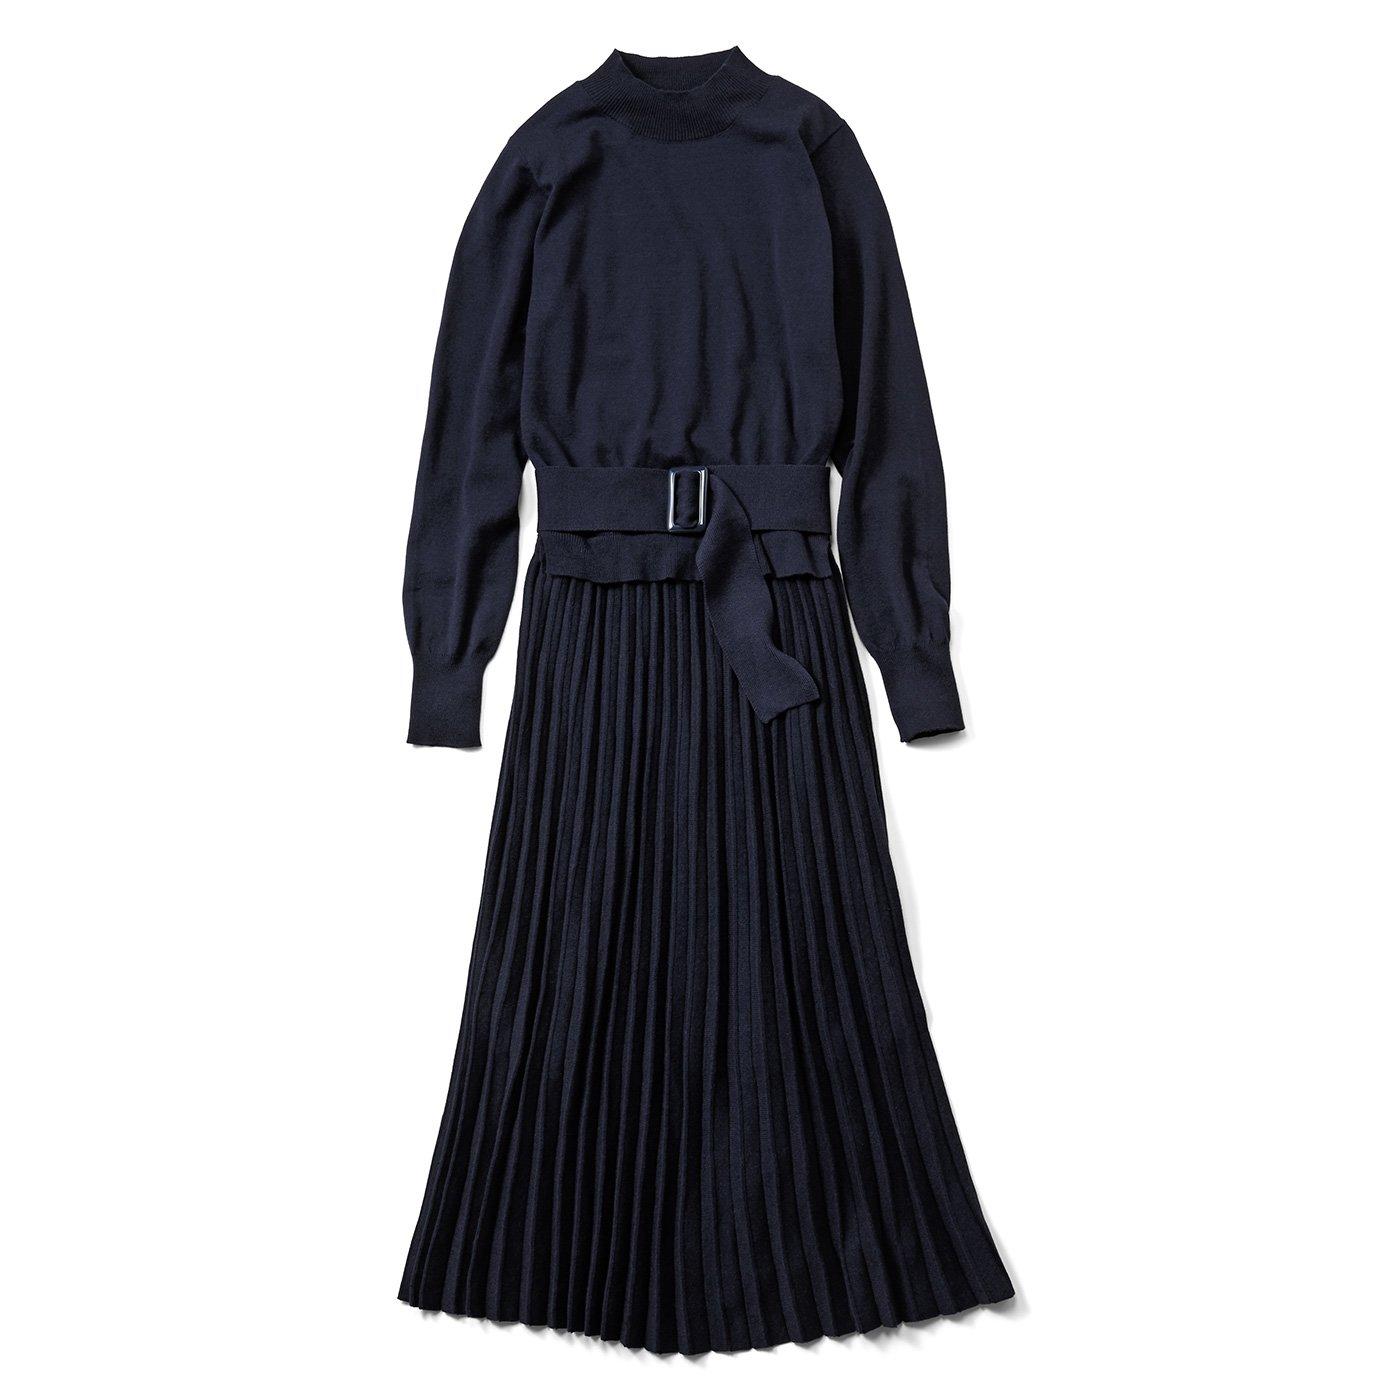 IEDIT[イディット] 上品プリーツニットドレス〈ネイビー〉